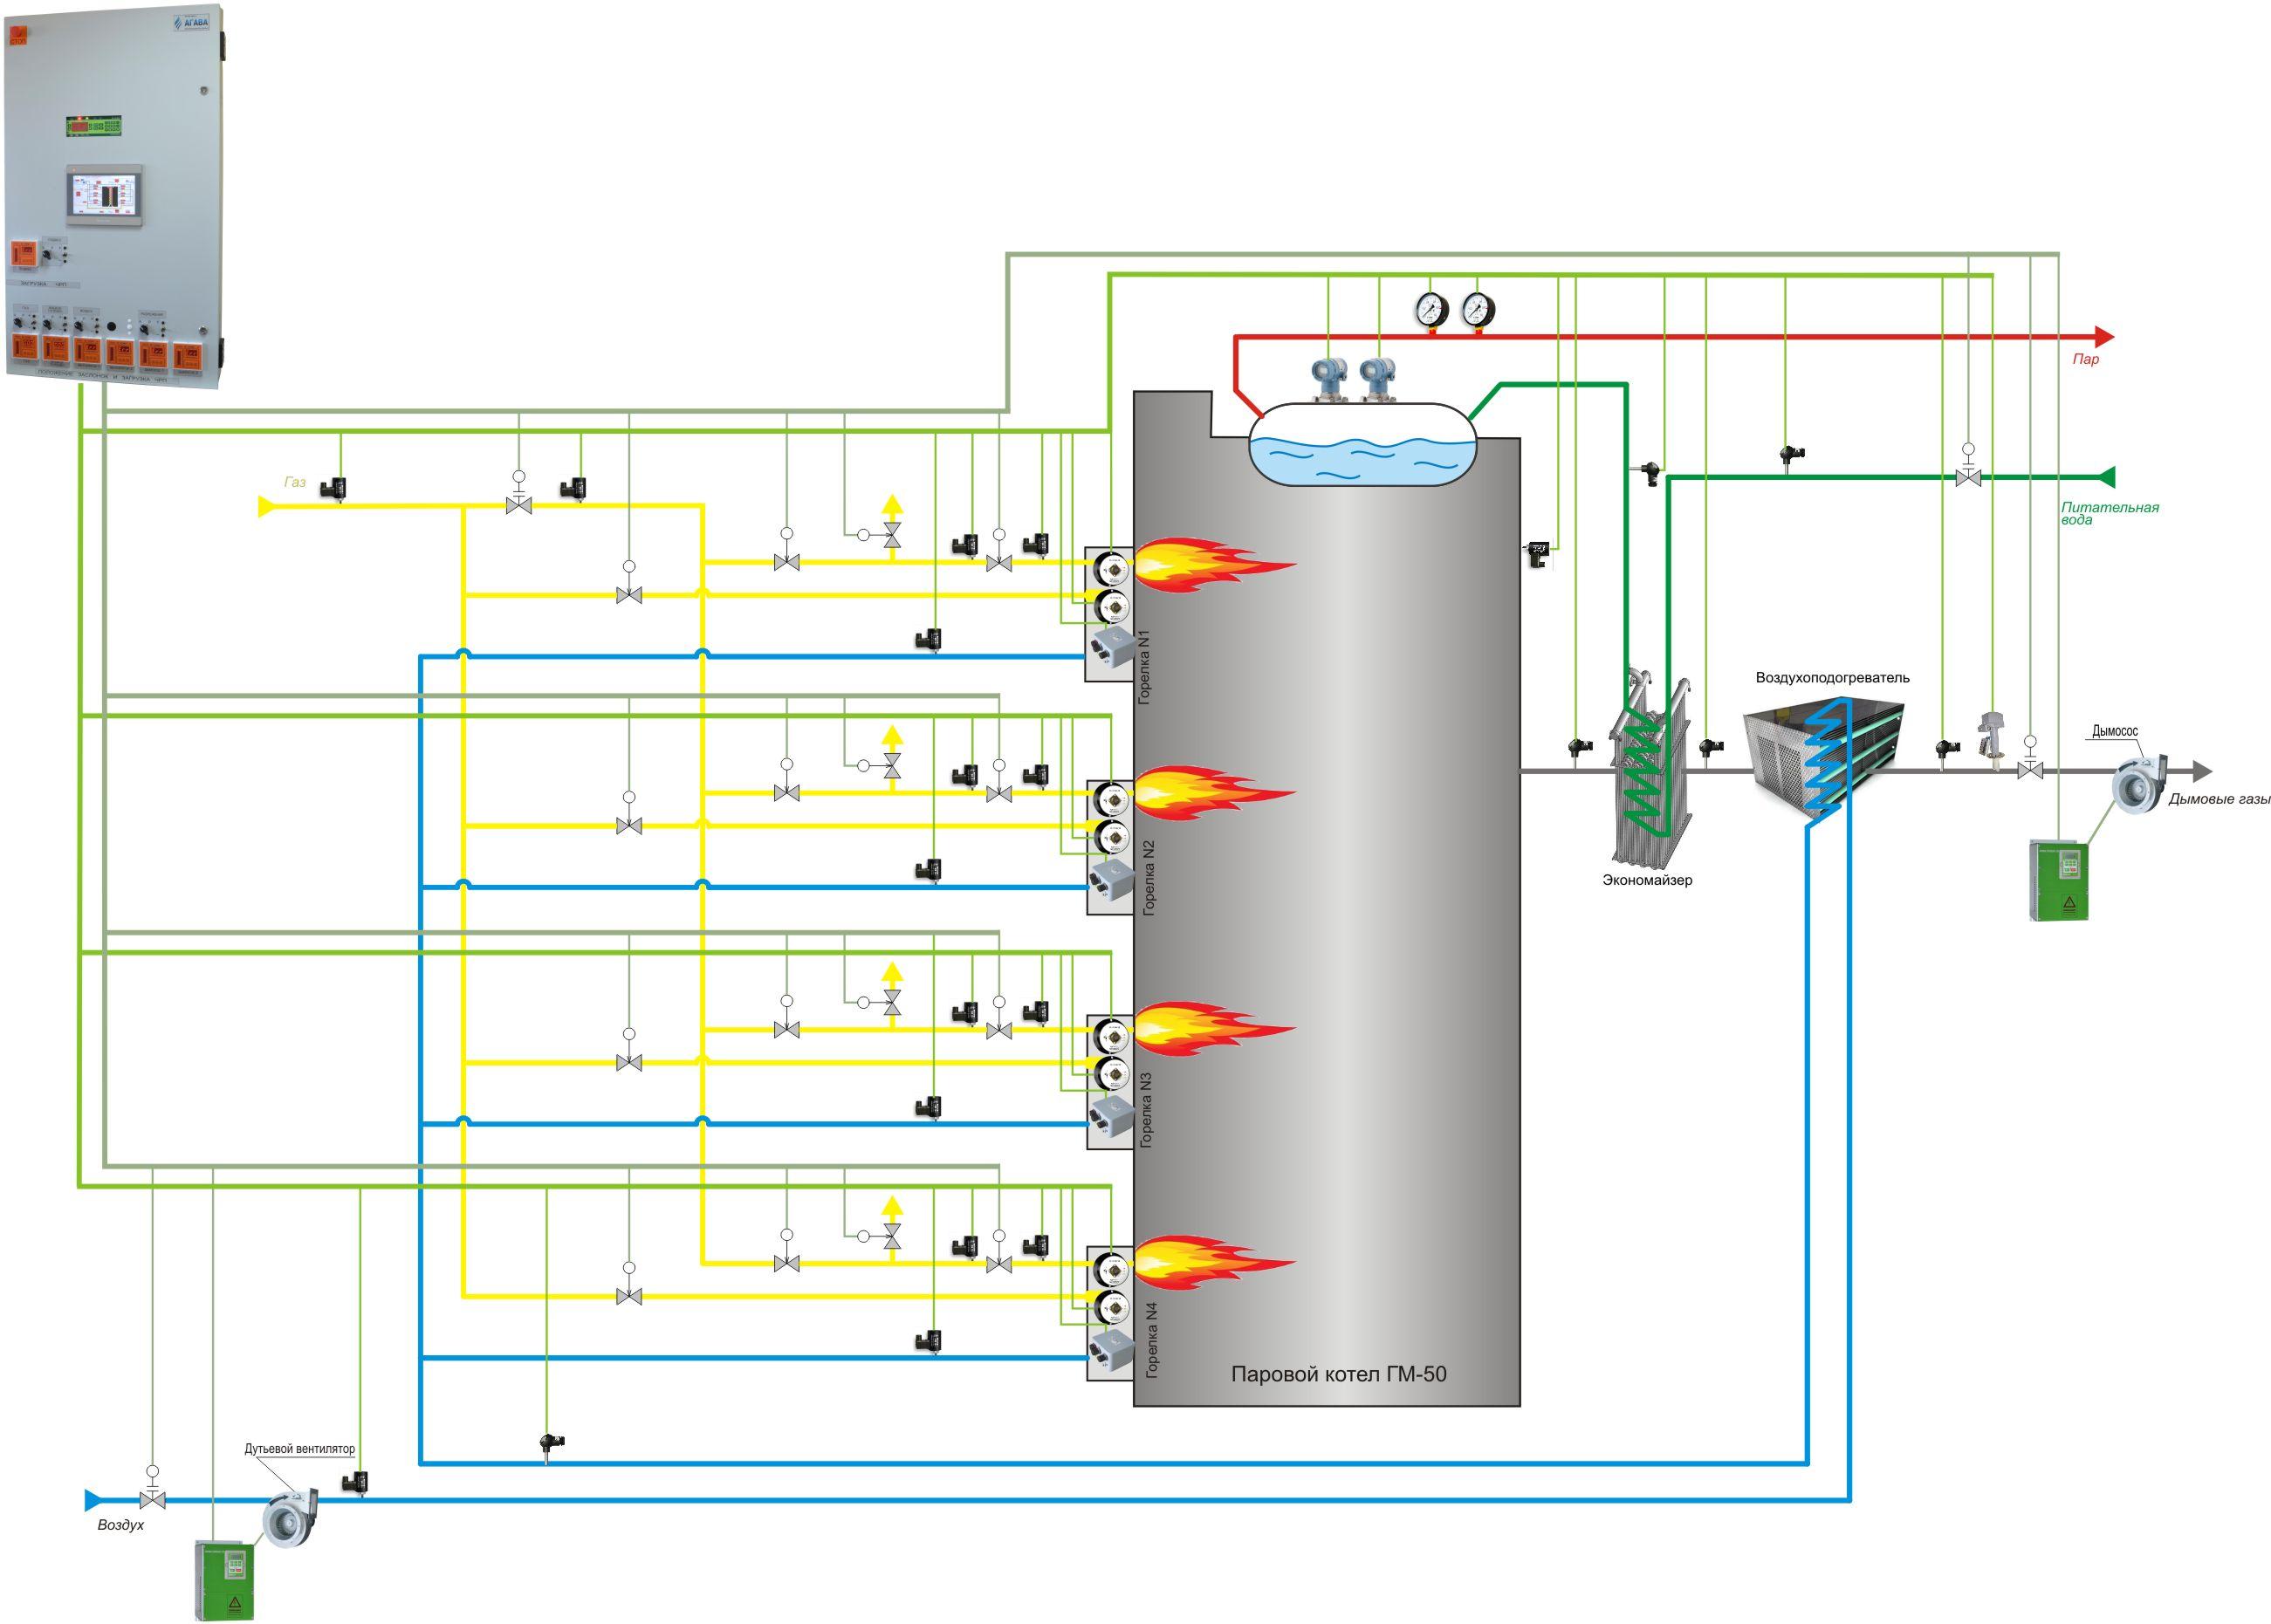 функциональная схема автоматизации котла де -4-14 гм